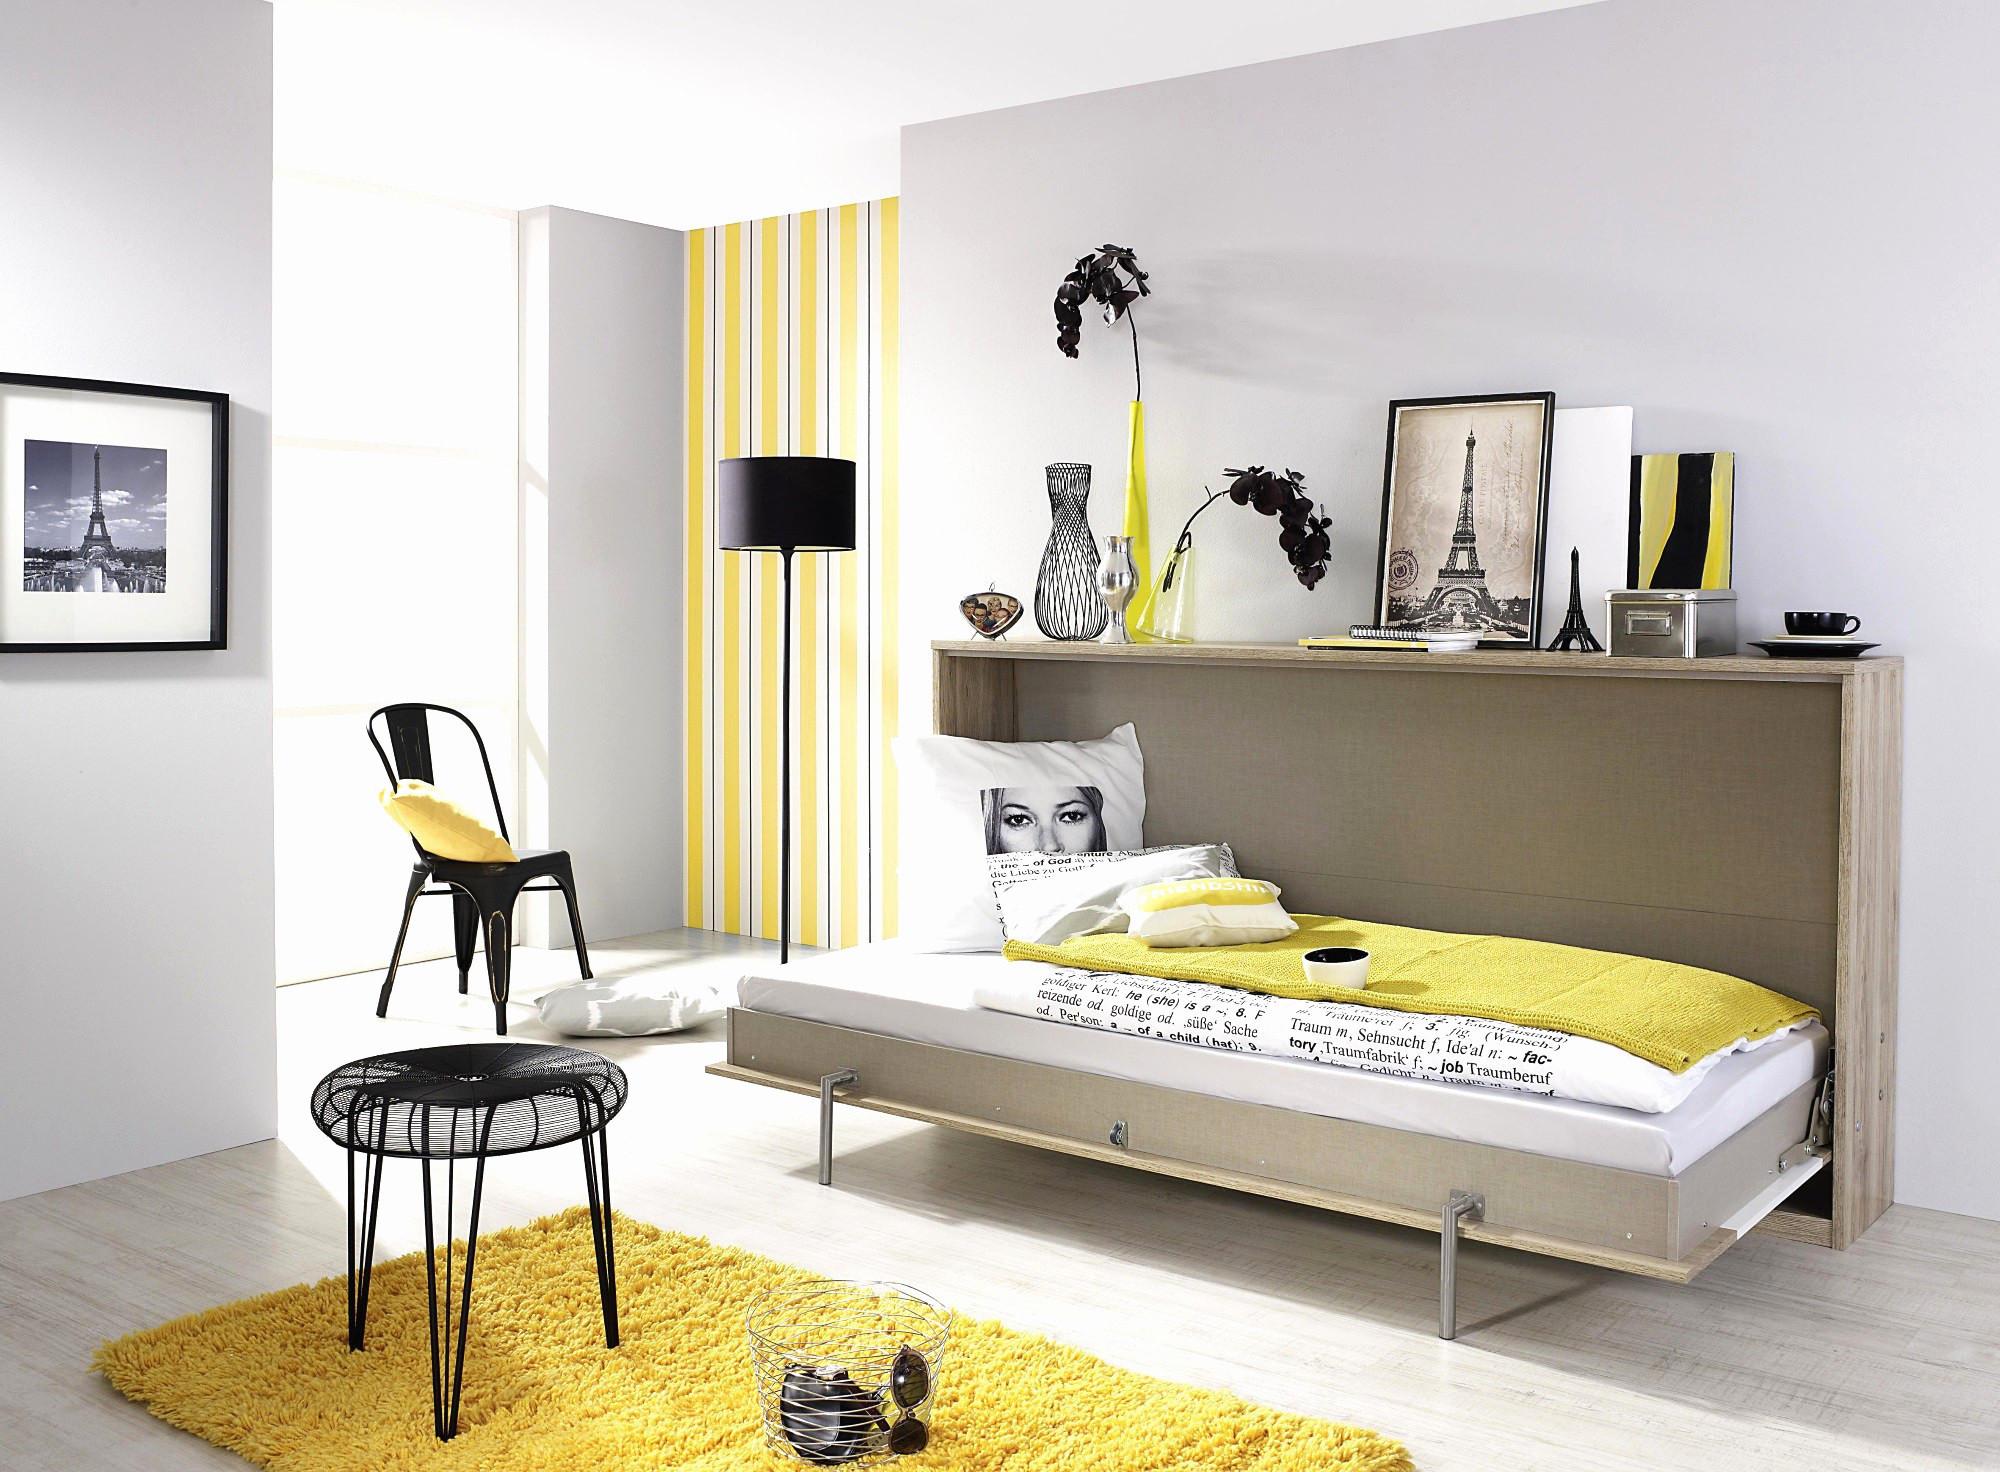 salon de jardin haut de gamme meuble salon design haut de gamme mobilier de jardin design haut de of salon de jardin haut de gamme 1